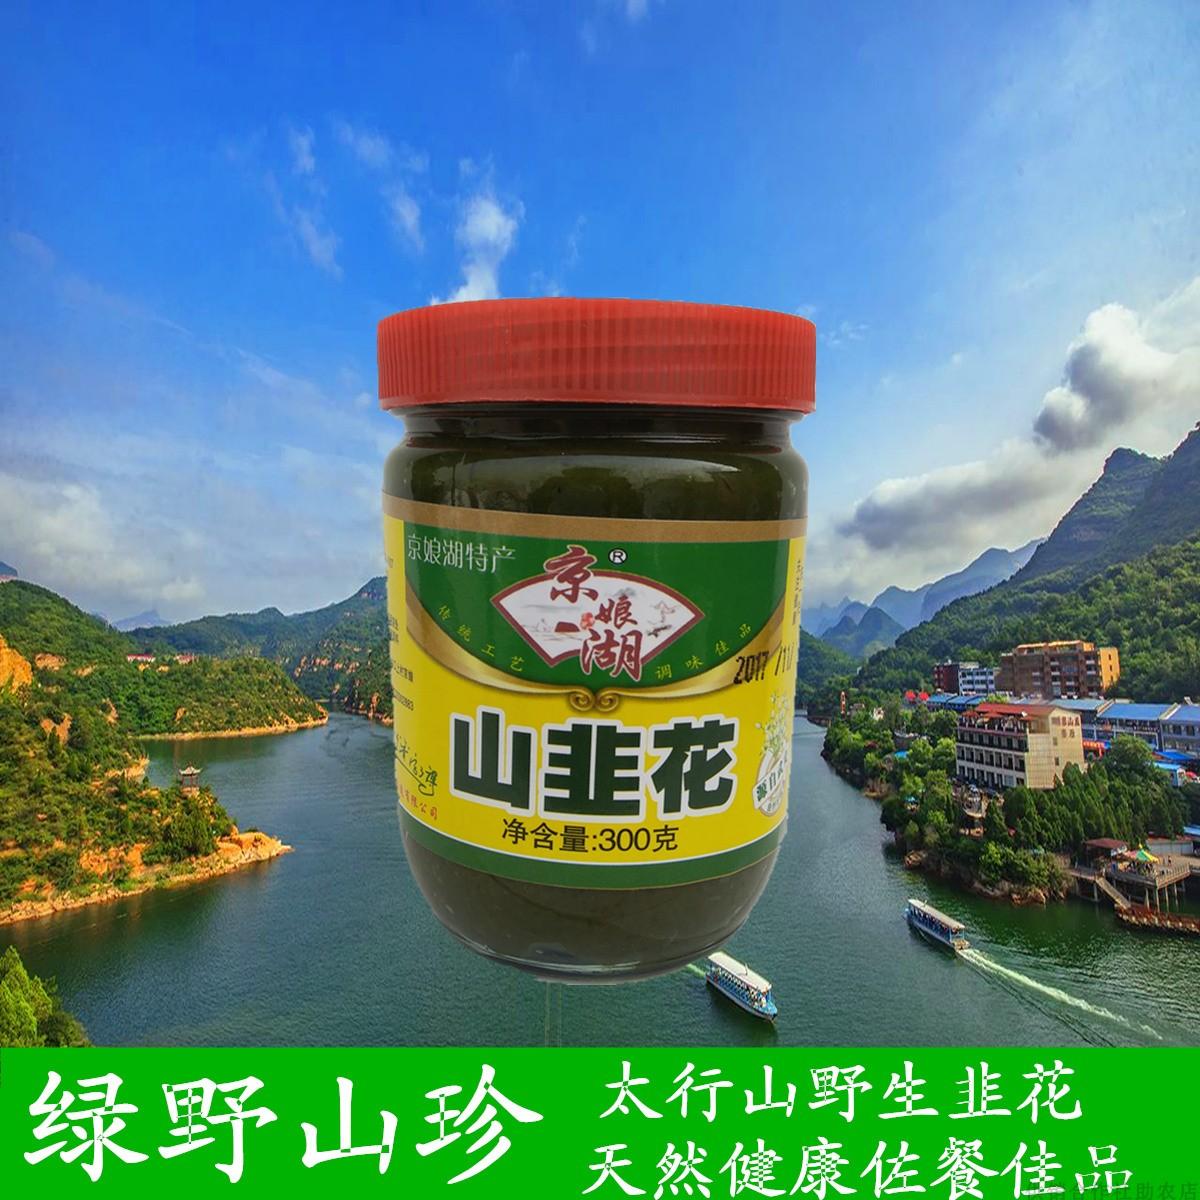 Wuan specialty wild mountain leek cauliflower cold powder seasoning pasta seasoning rice sauce hot pot dipping seasoning